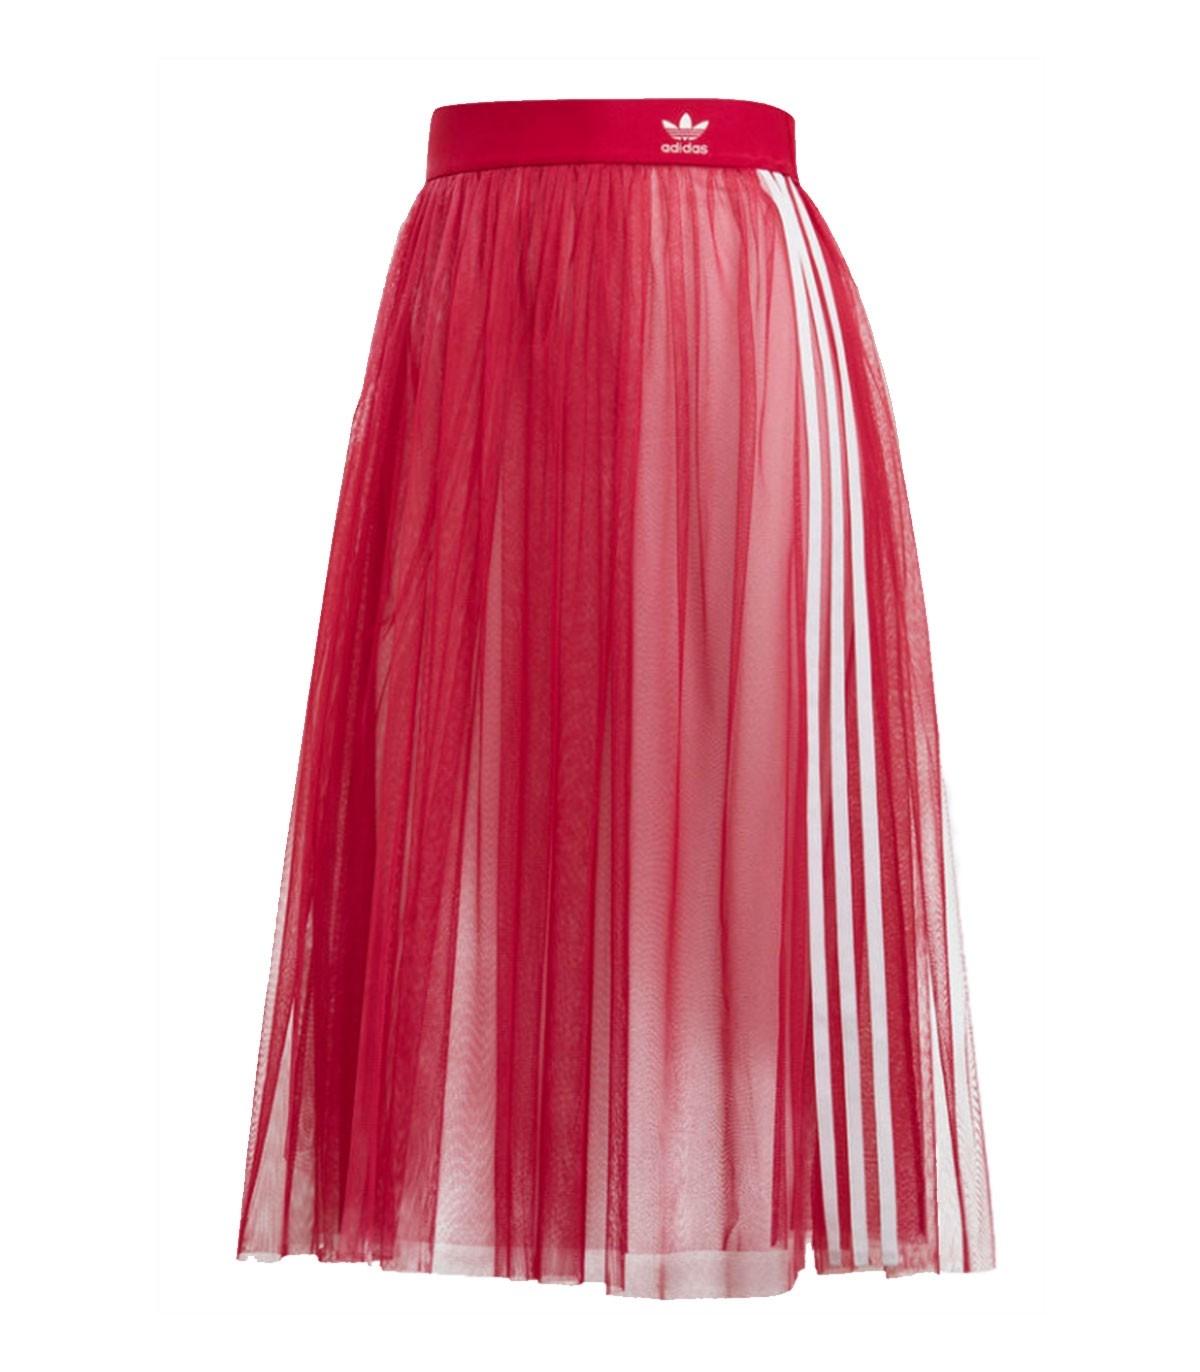 2c4e2e959 Comprar Falda Acampanada | Wig Elegance